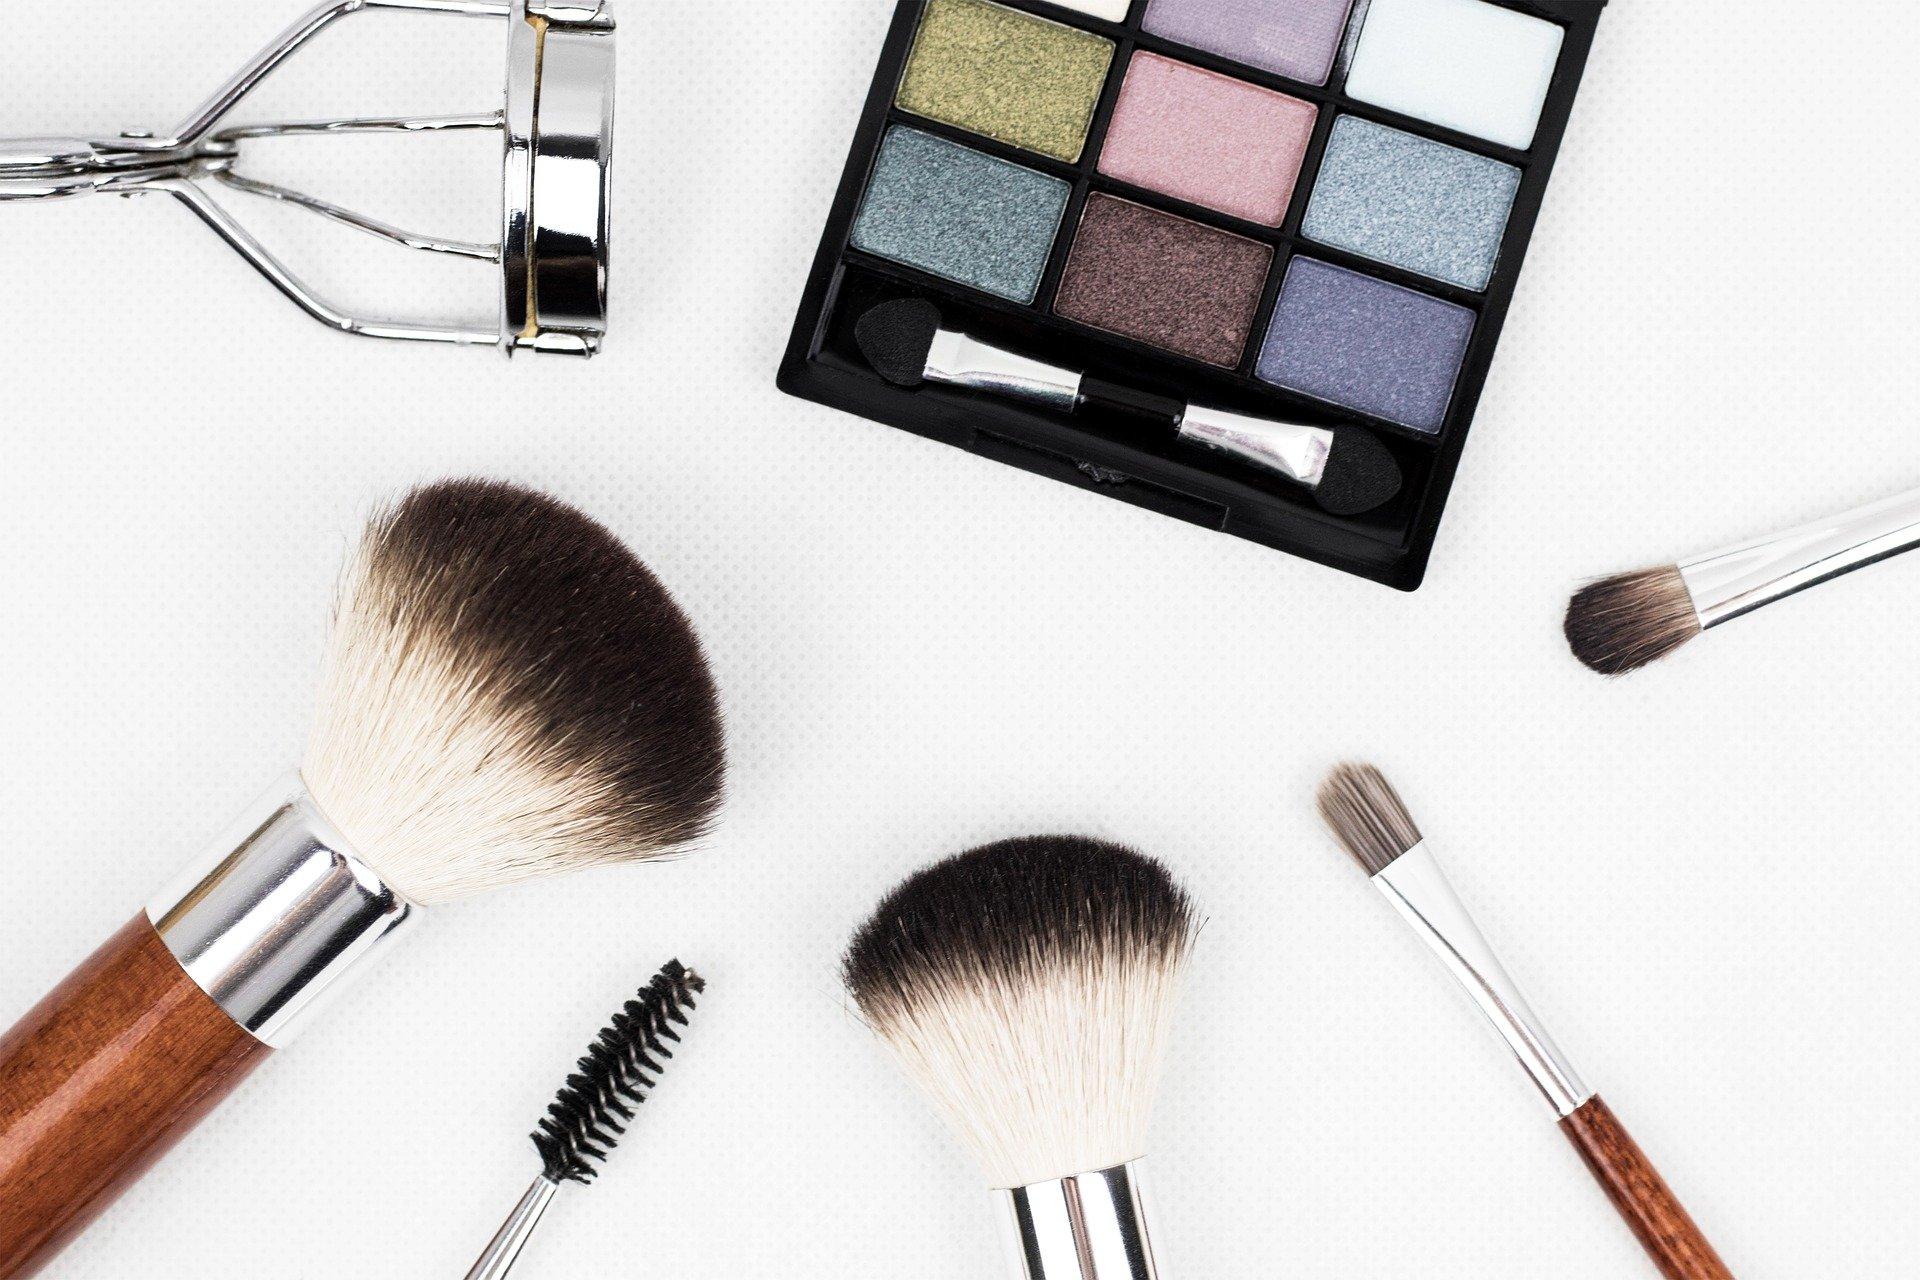 Vemos alguns acessórios para maquiagem sobre uma superfície clara (imagem ilustrativa).